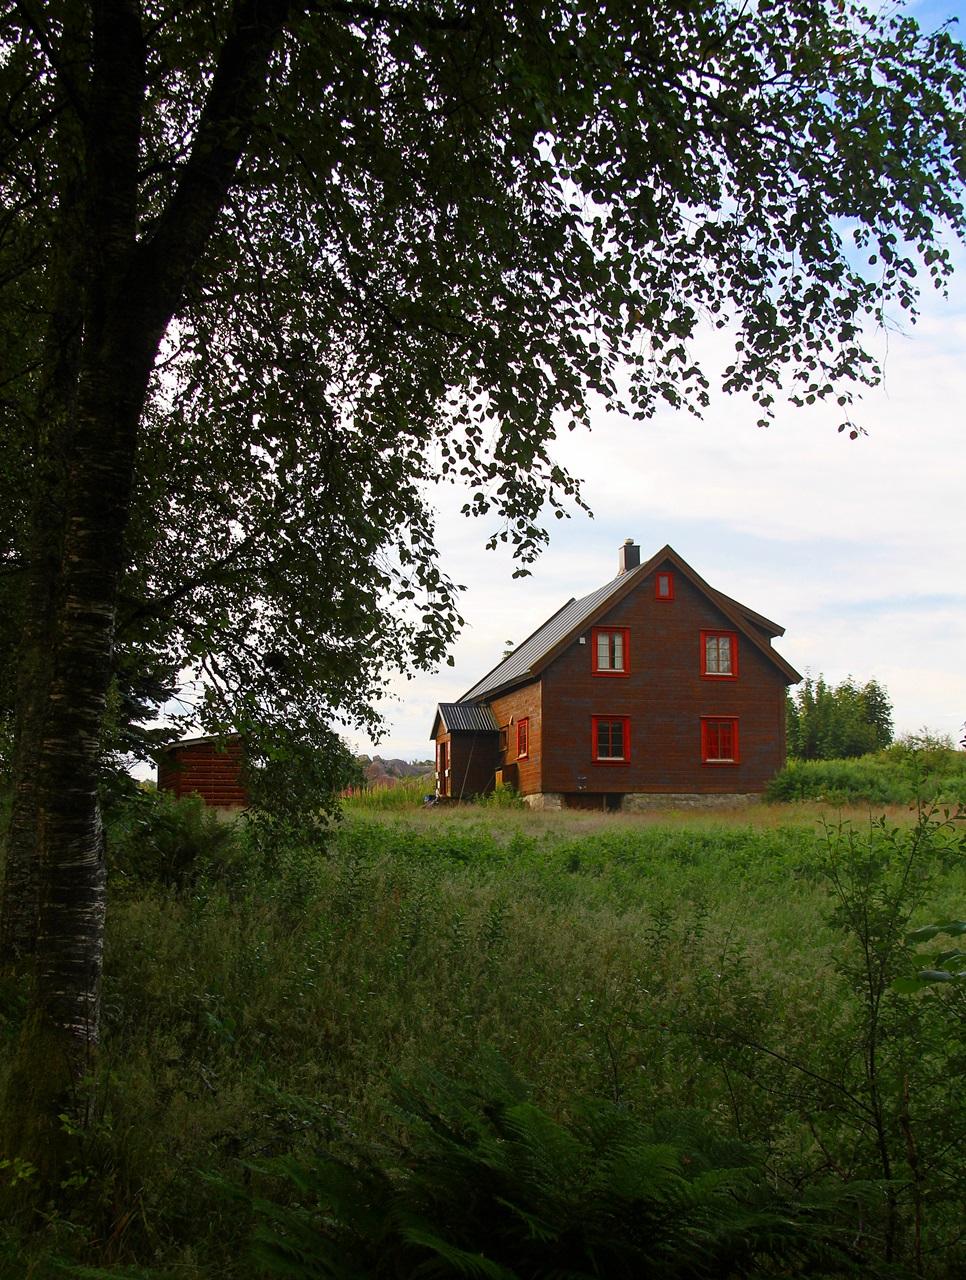 I den øvre delen disponerer RJFF et enkelt hus